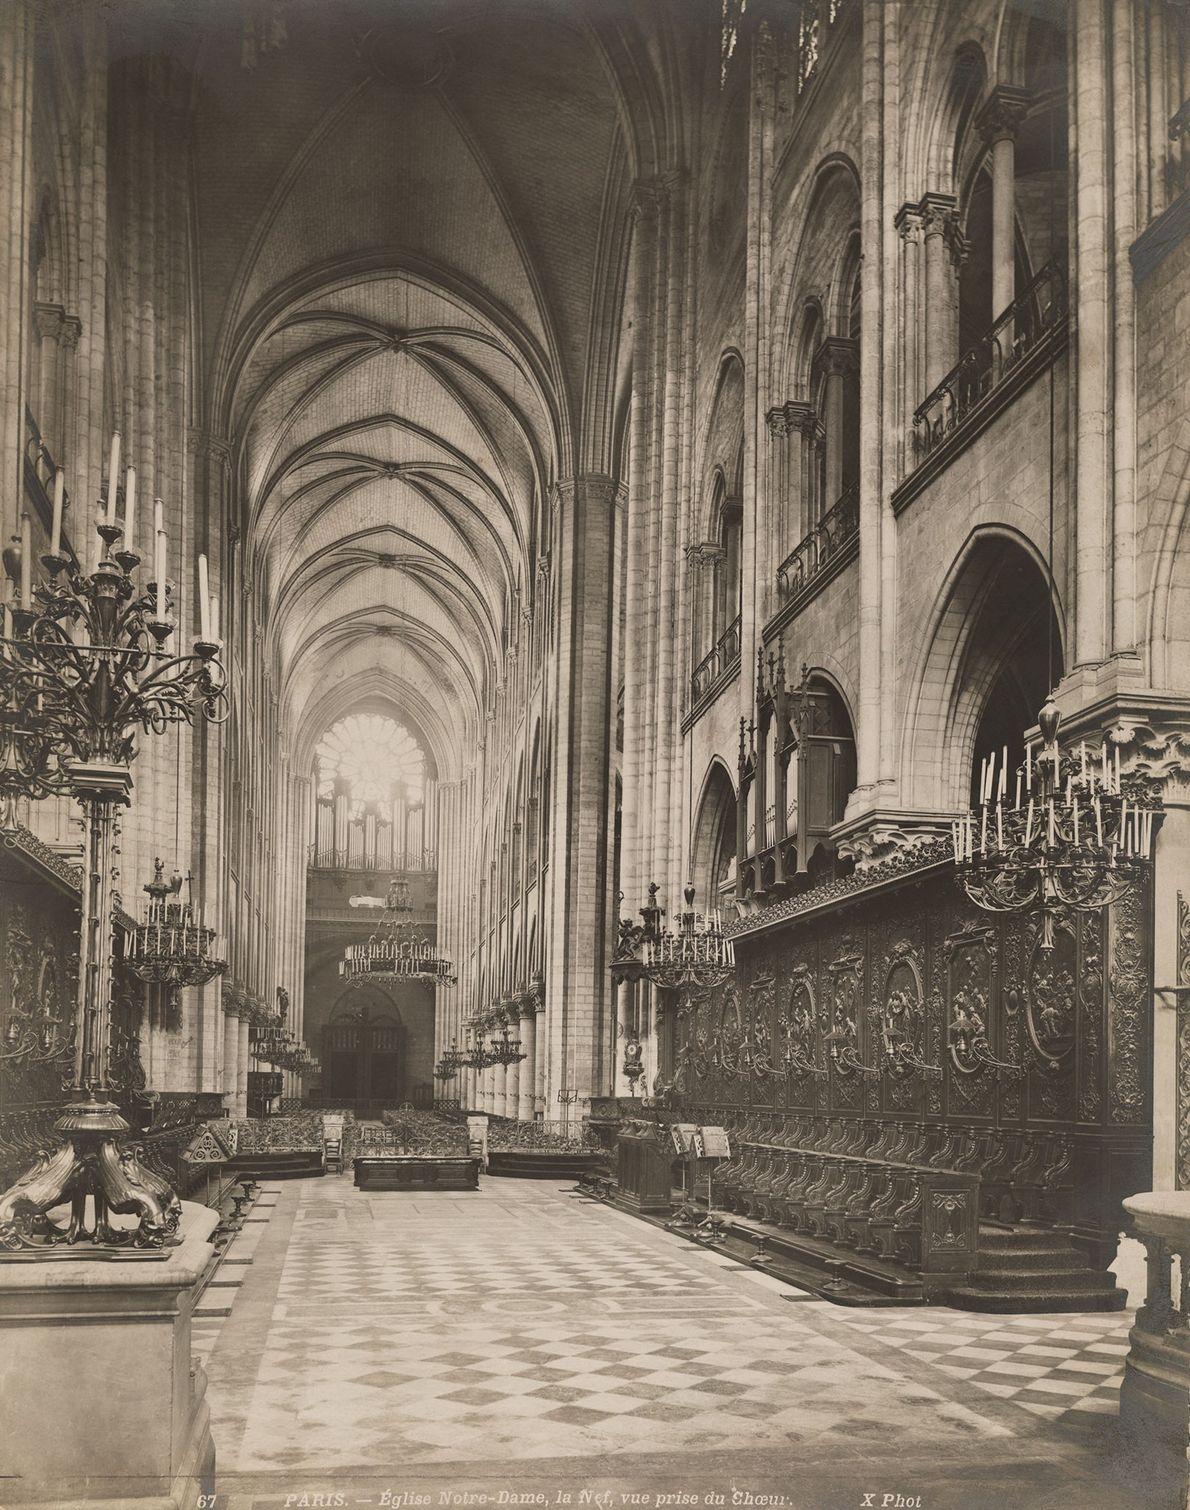 El interior de madera de Notre Dame se dice que fue destruido por el reciente incendio.